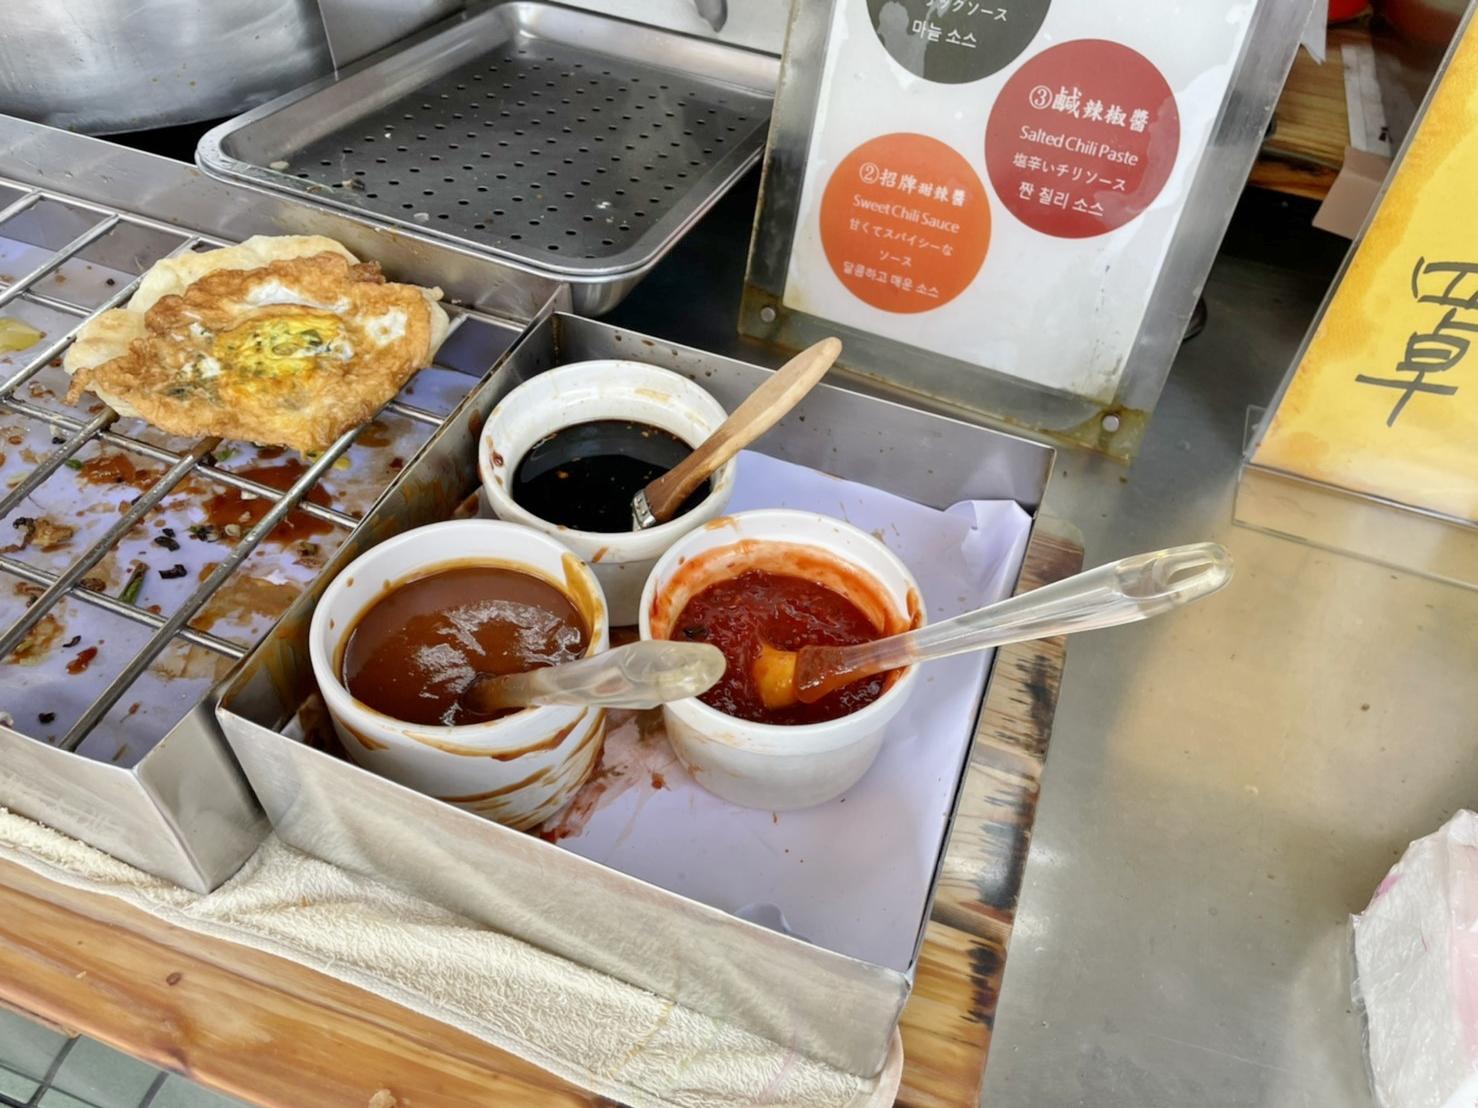 礁溪排隊美食!柯氏蔥油餅,現炸起鍋內外都酥軟的炸蛋蔥油餅